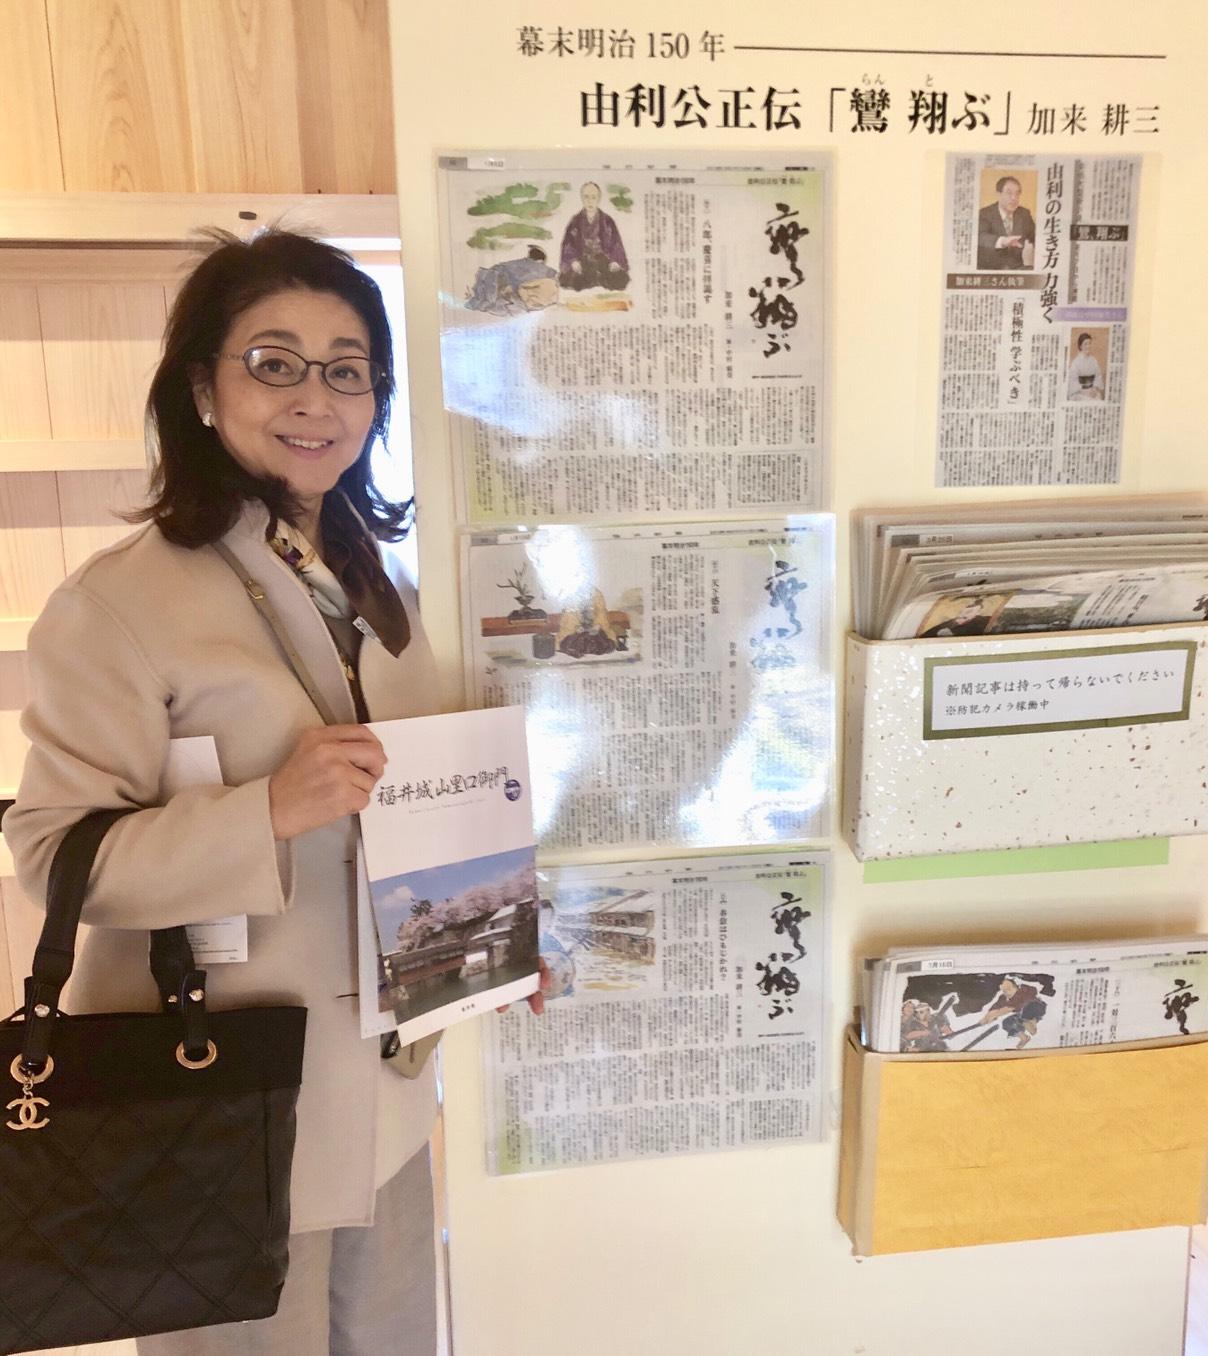 福井新聞連載小説「鸞 翔ぶ」の福井城内展示を拝見して参りました